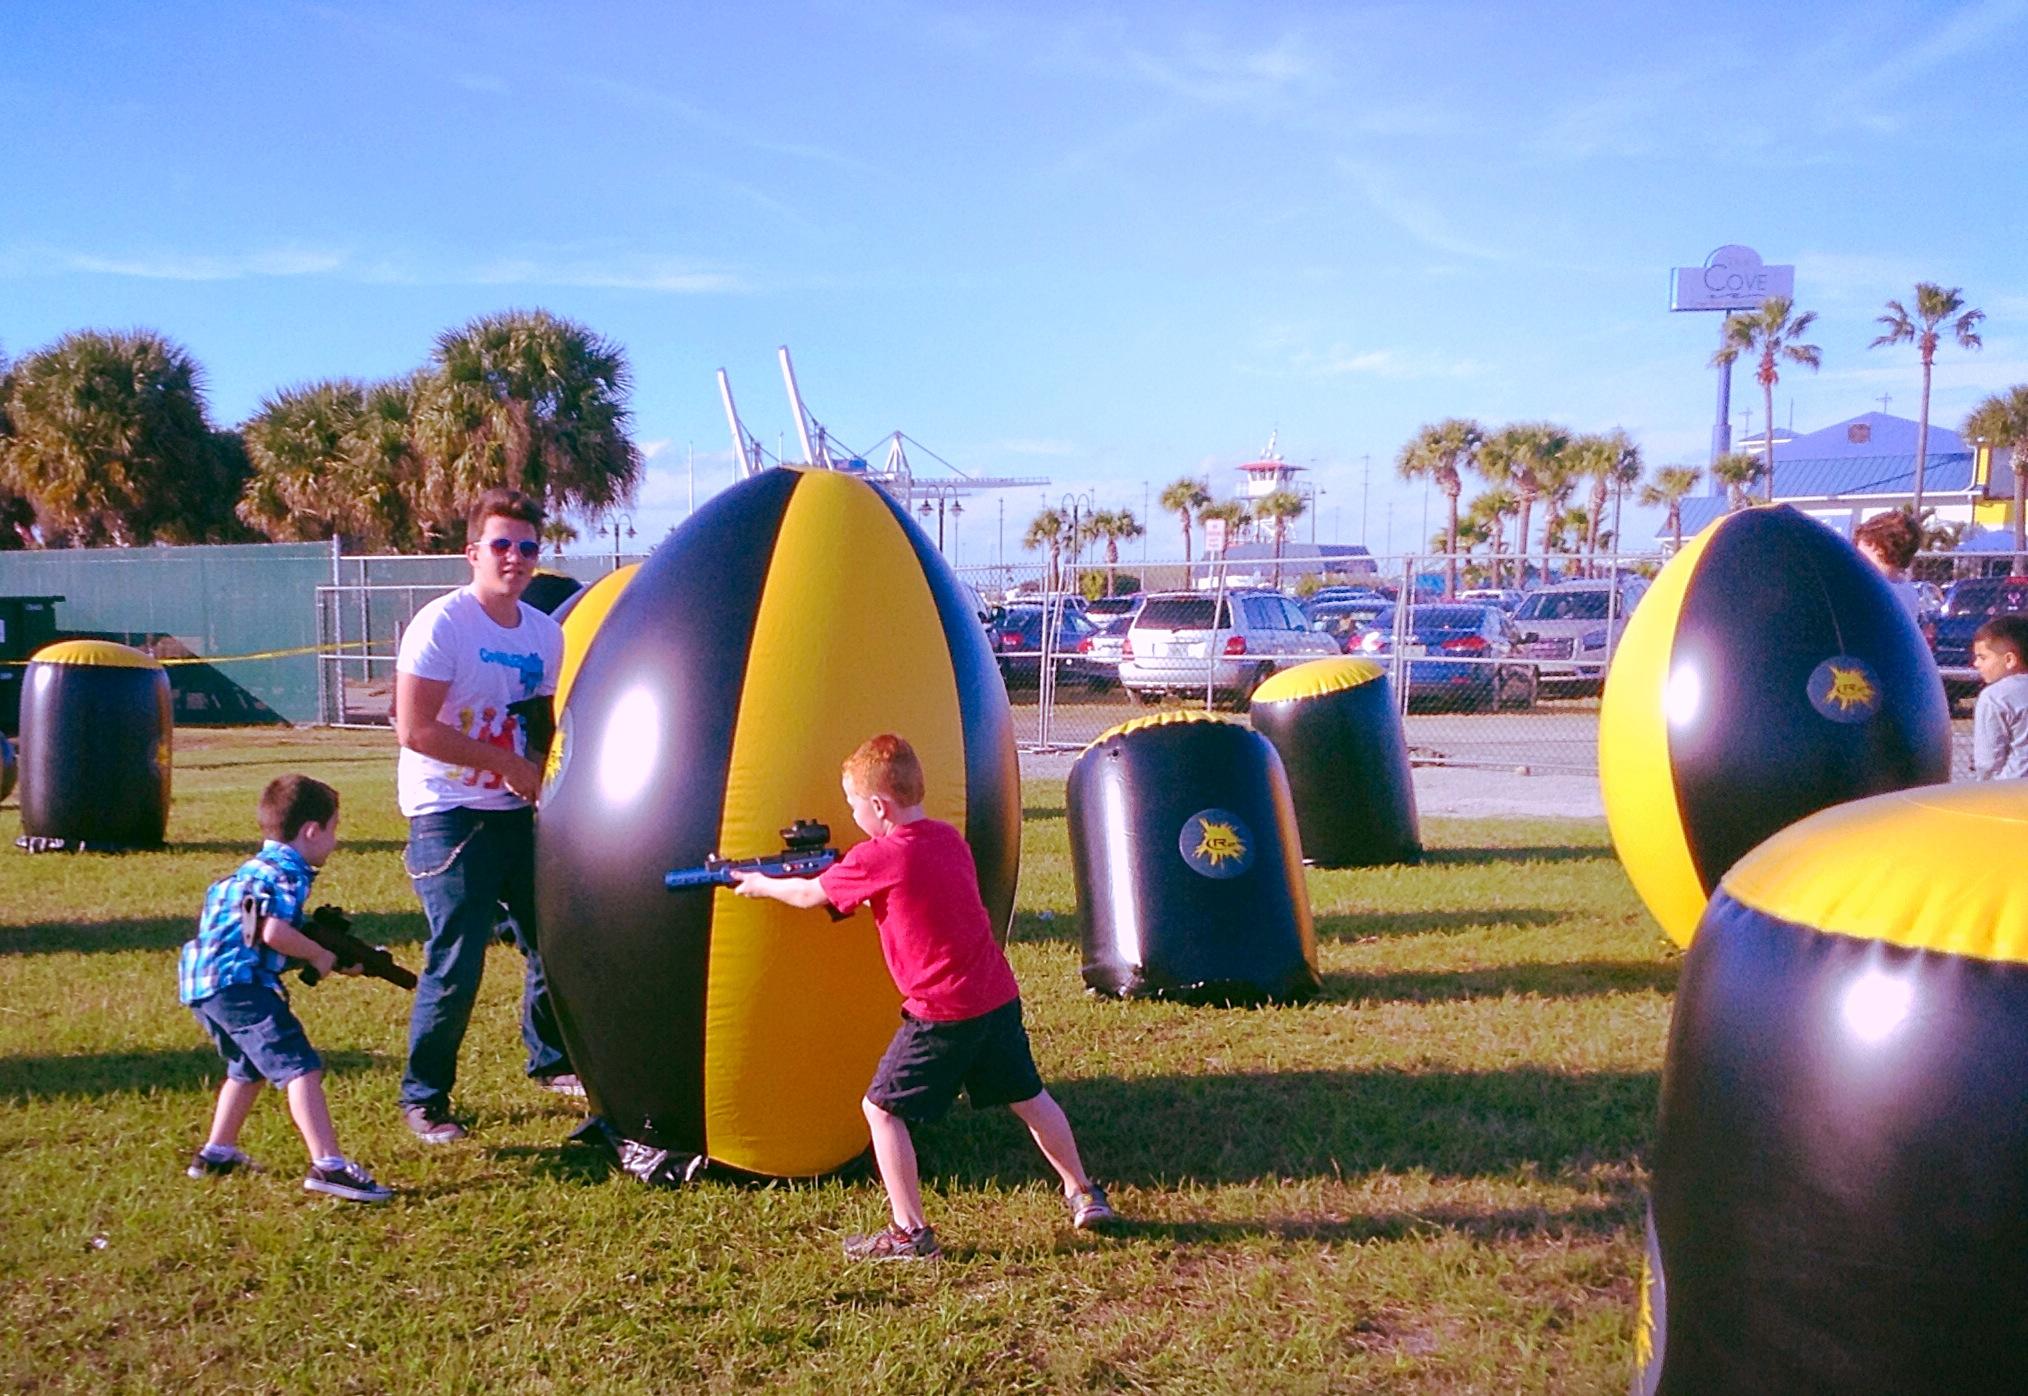 Amusement Parks in Sarasota Florida